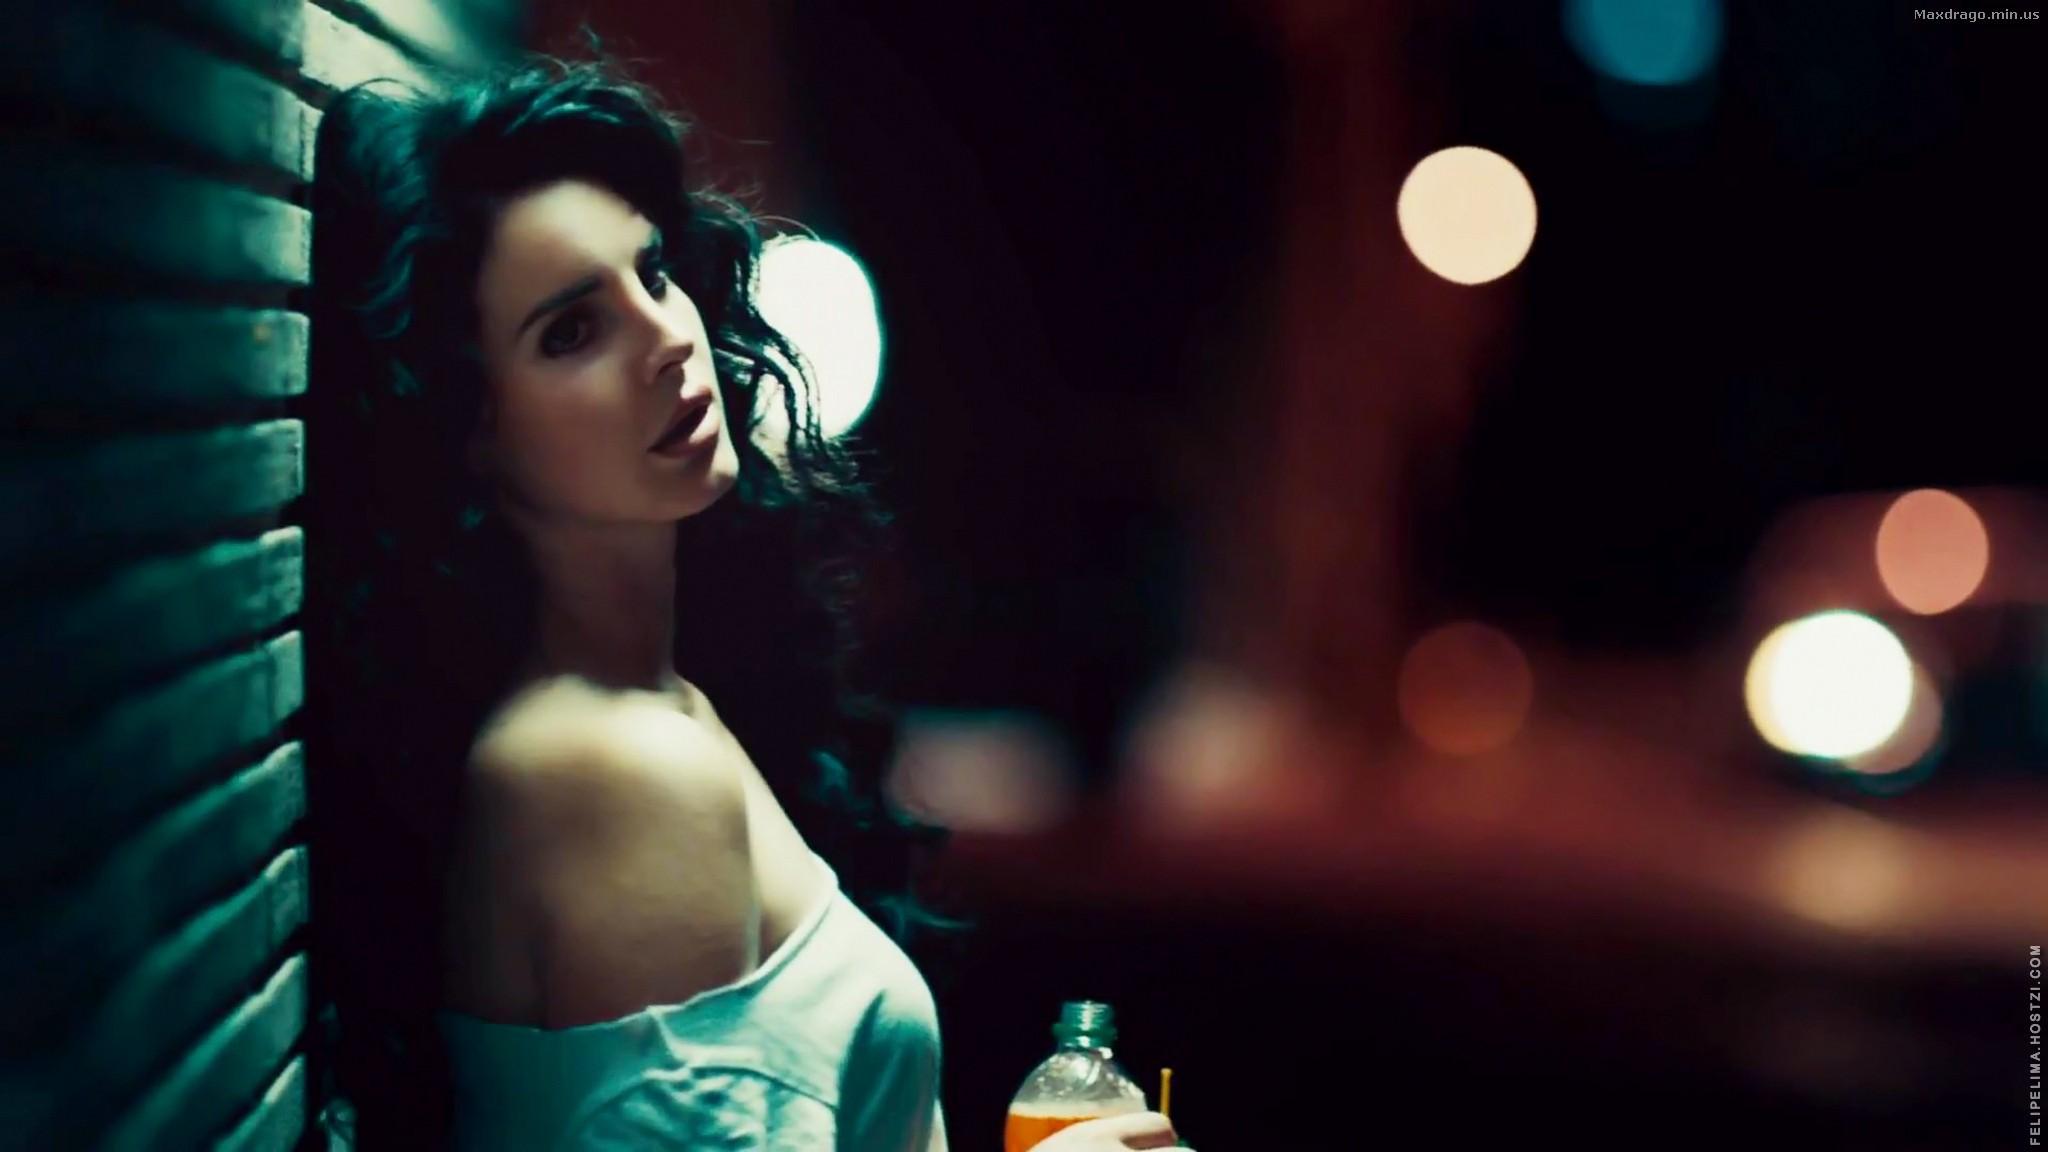 Lana Del Rey In The Night Desktop Wallpapers 1024x600